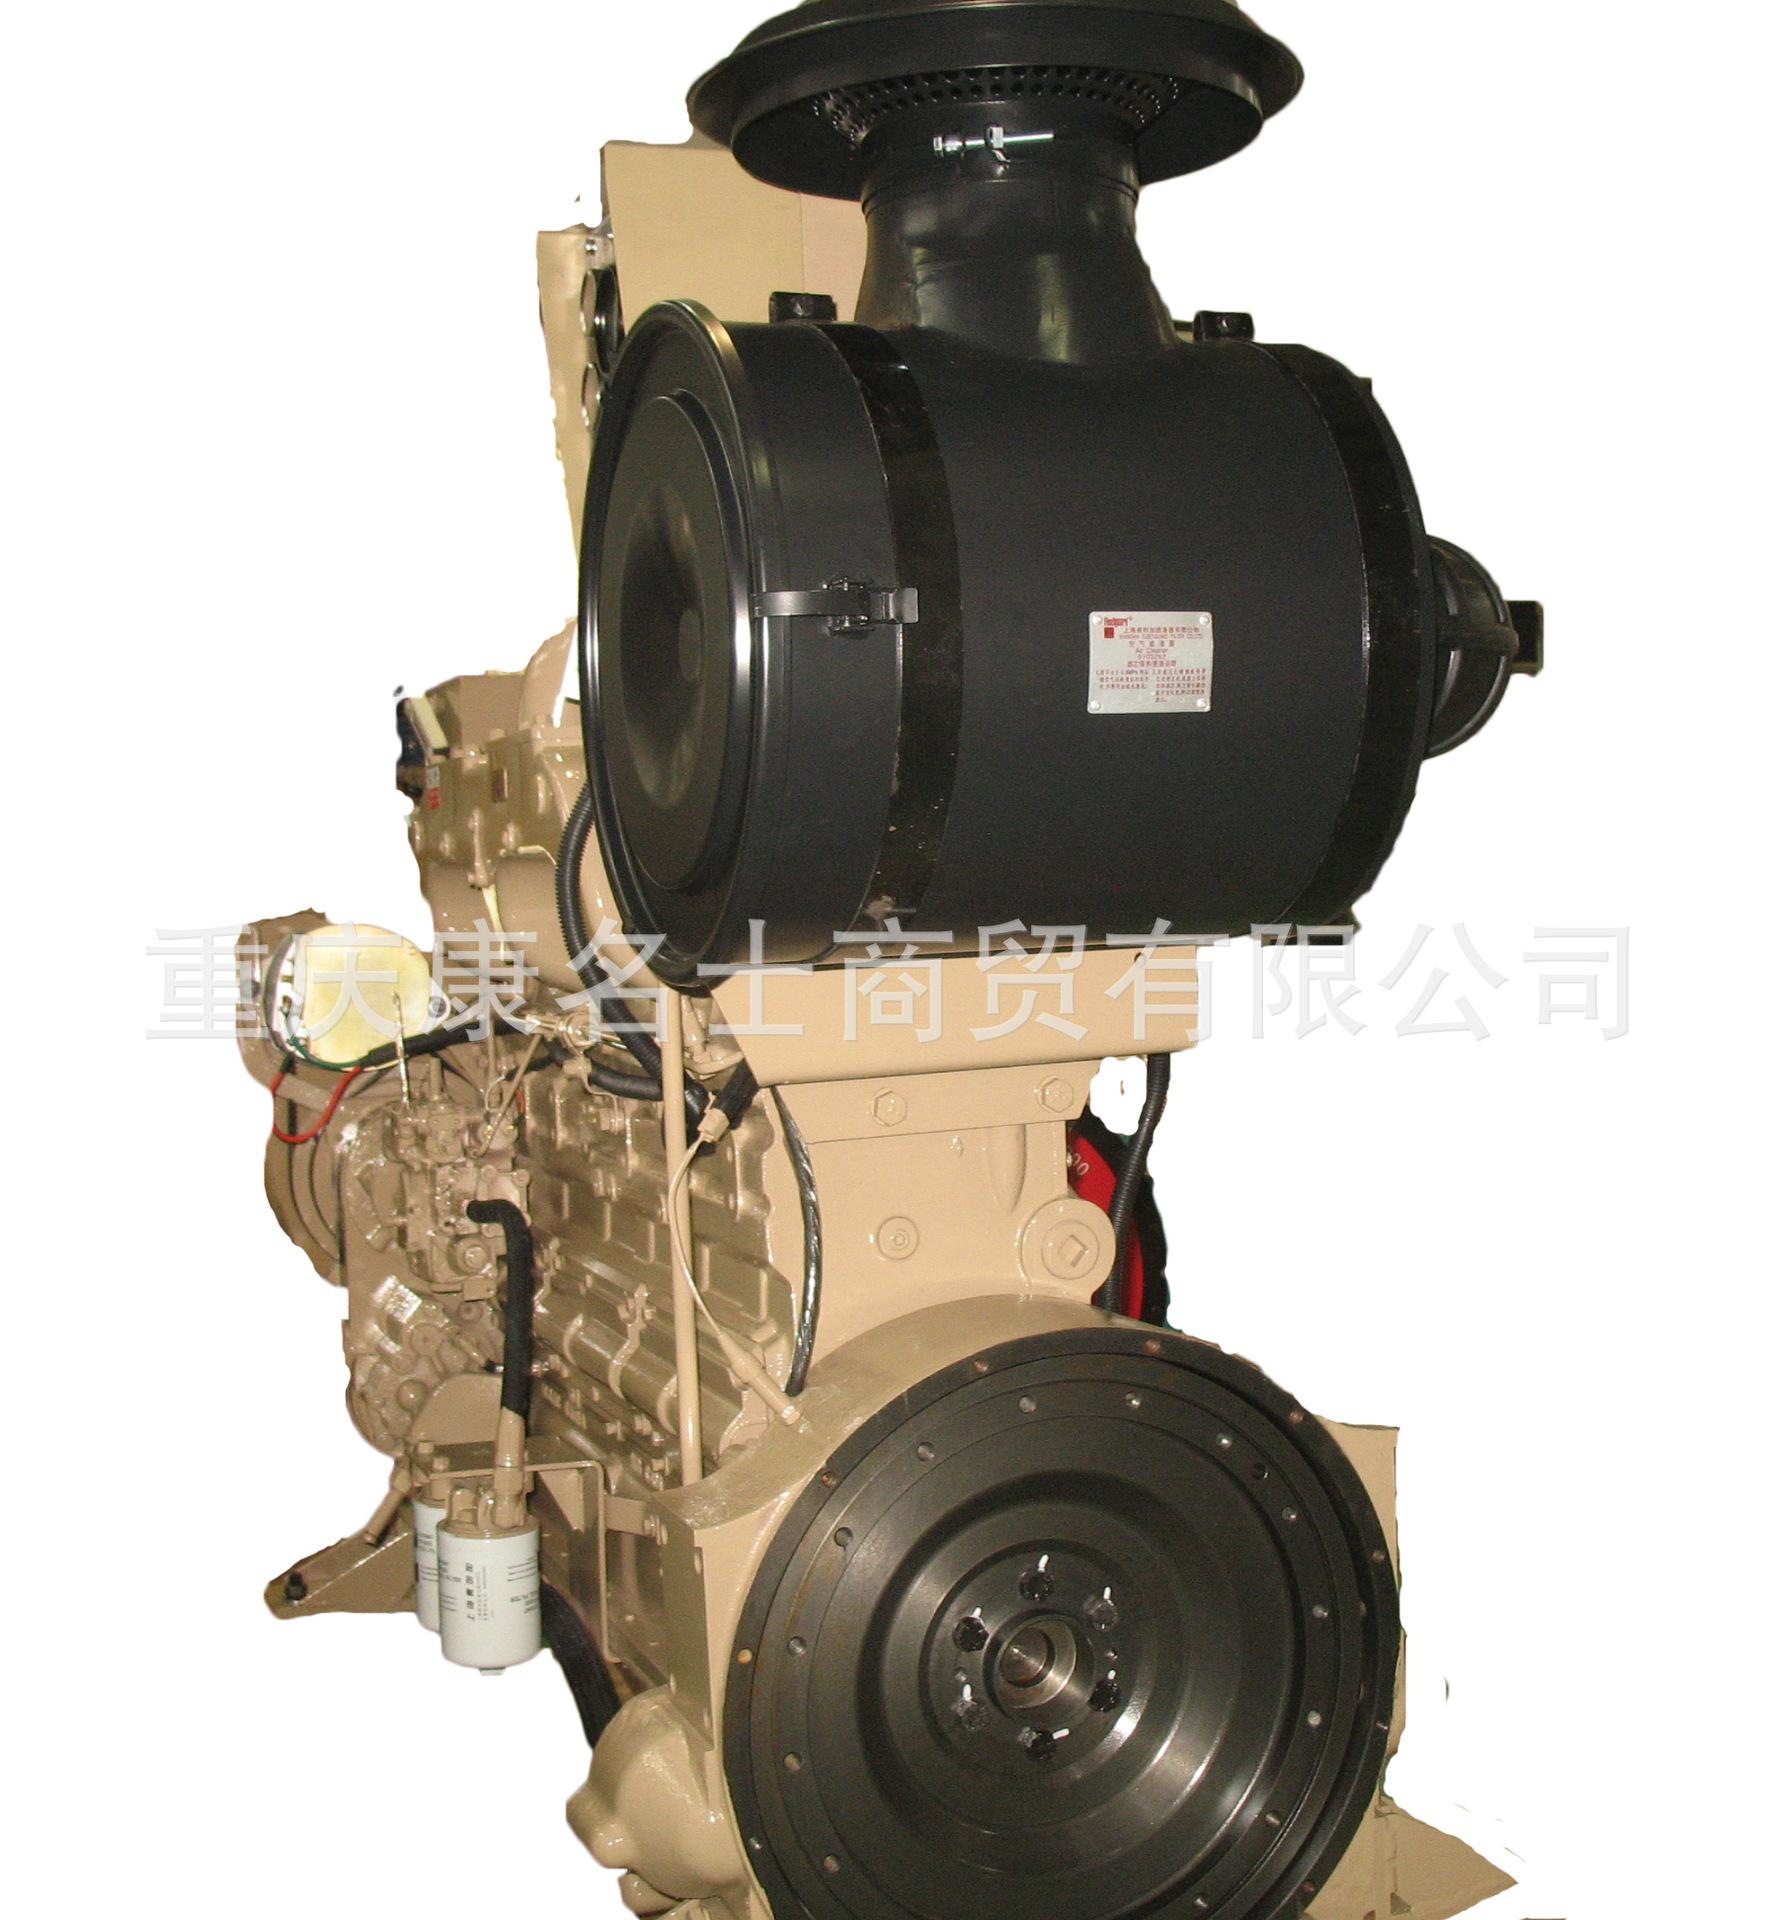 3681705康明斯风扇主轴QSX15发动机配件厂价优惠